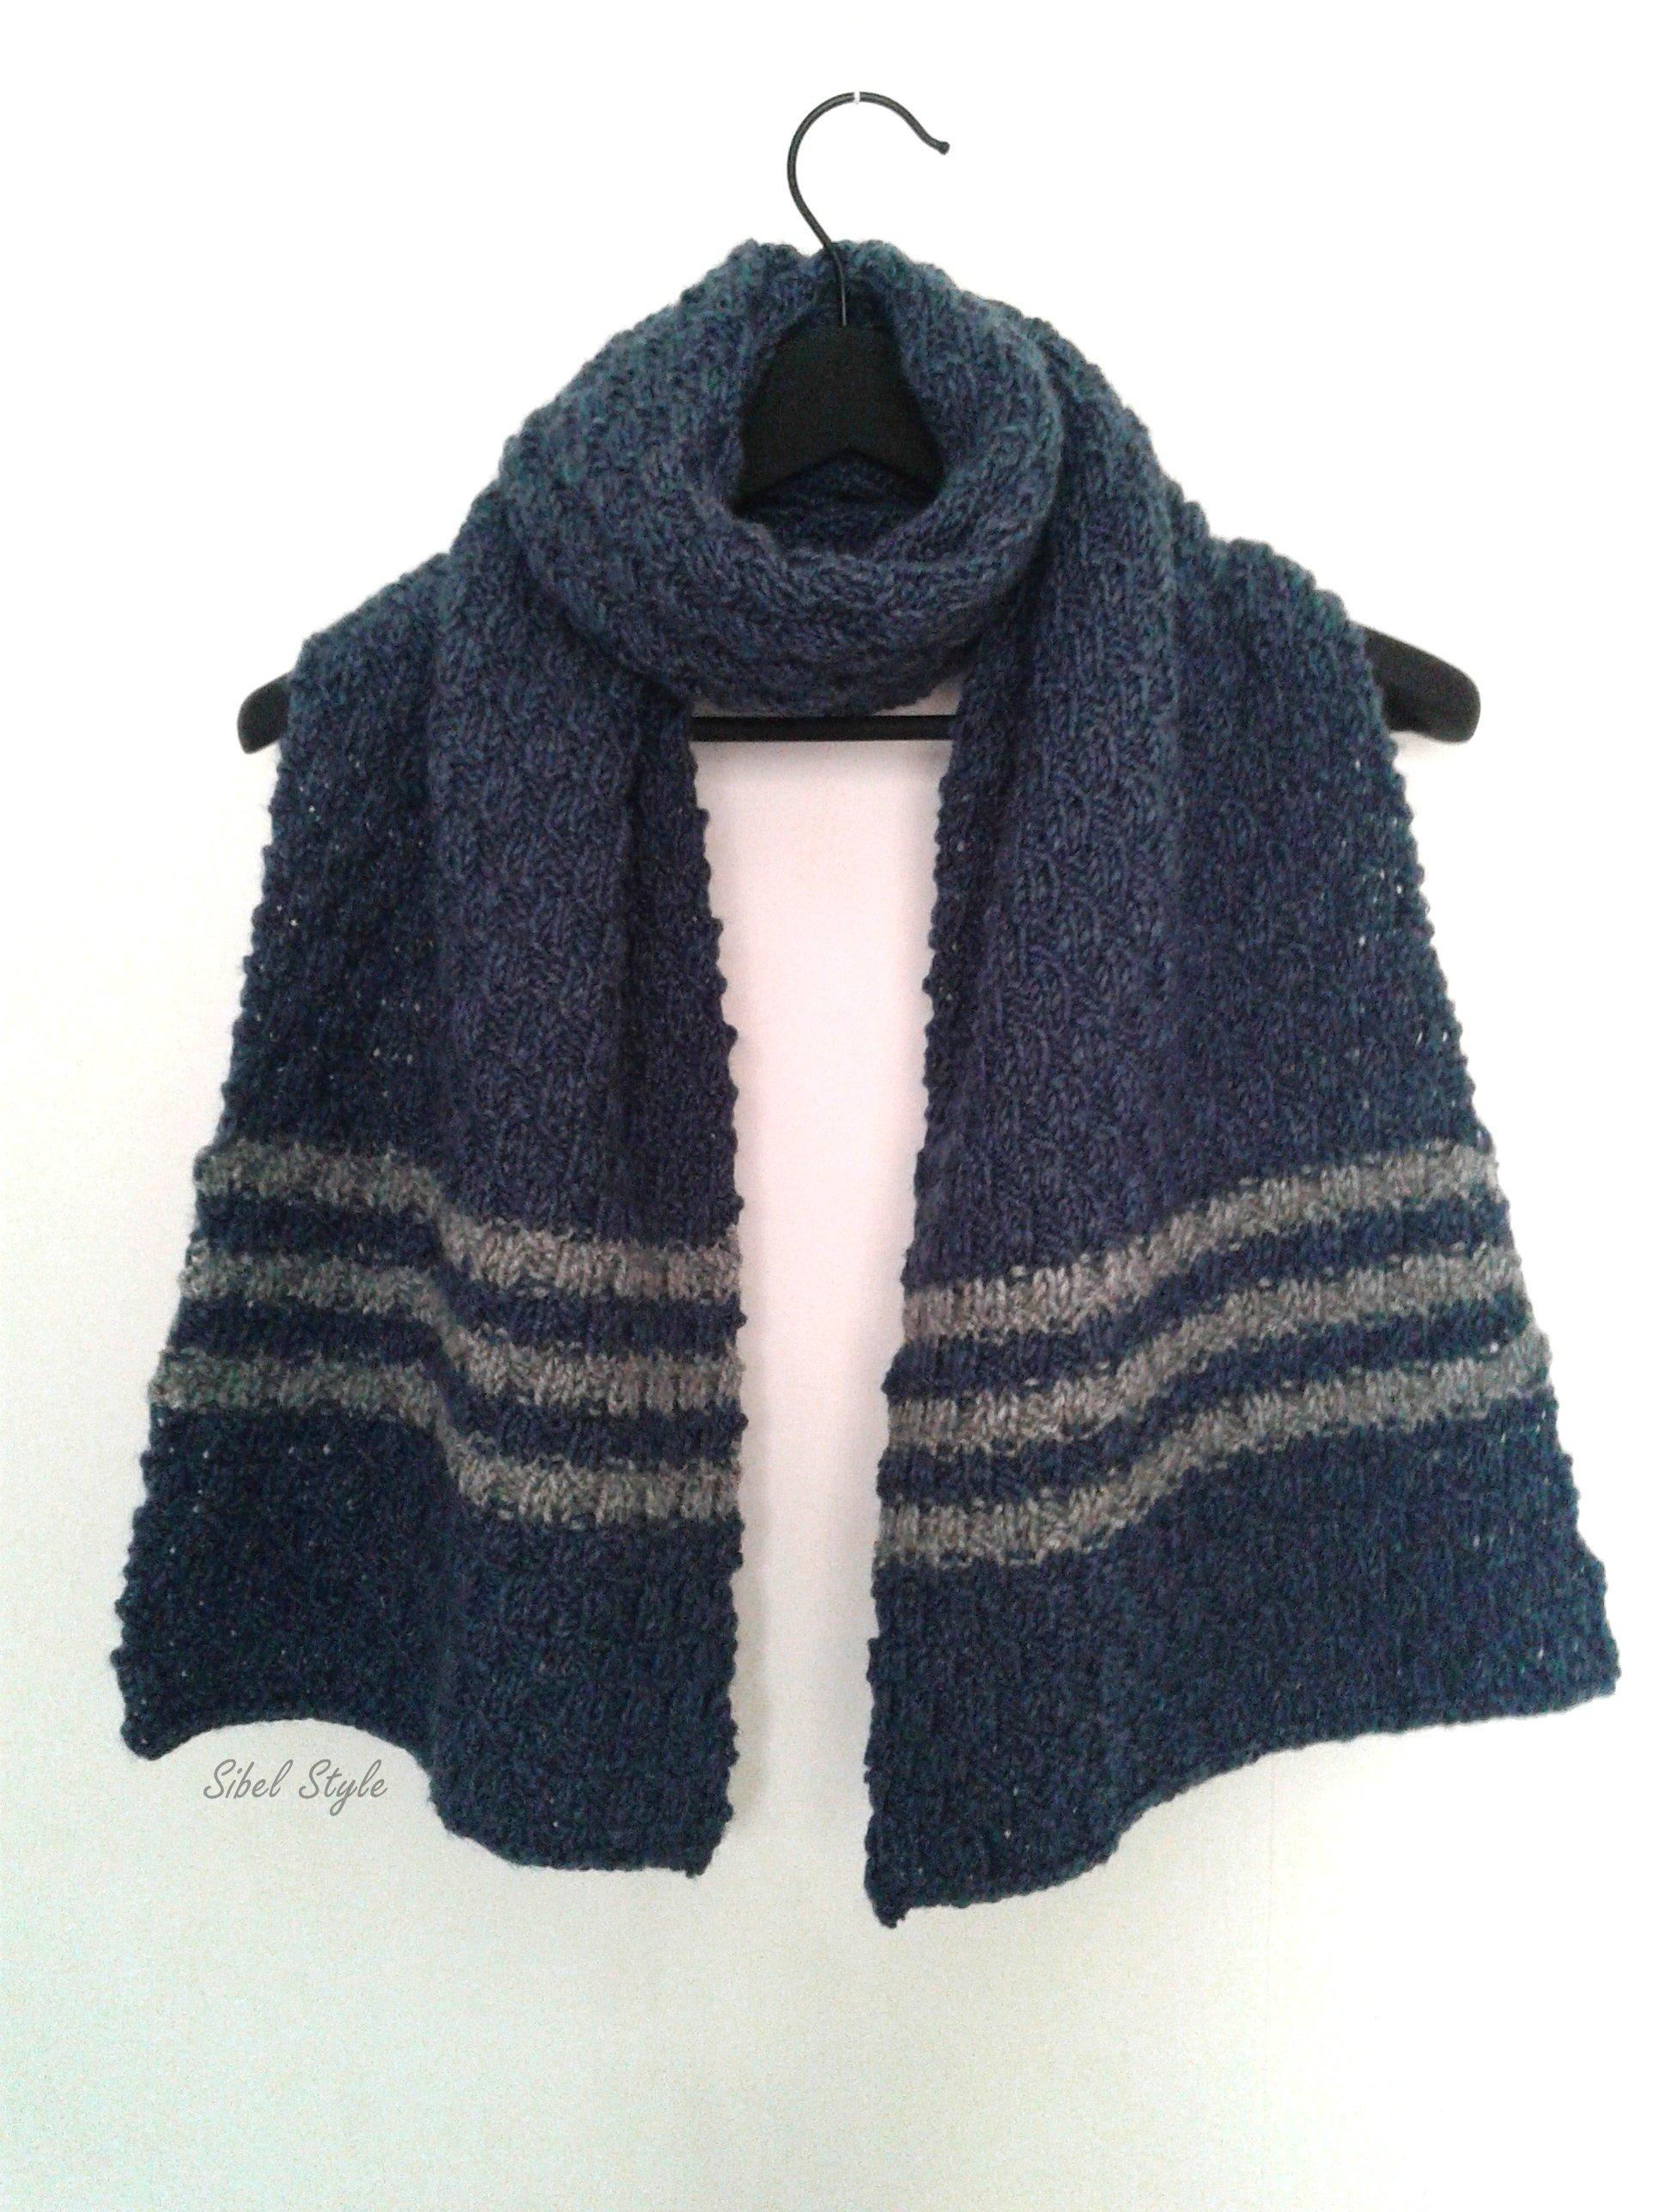 écharpe tour de cou pour homme - Idée pour s habiller 349b84814cf